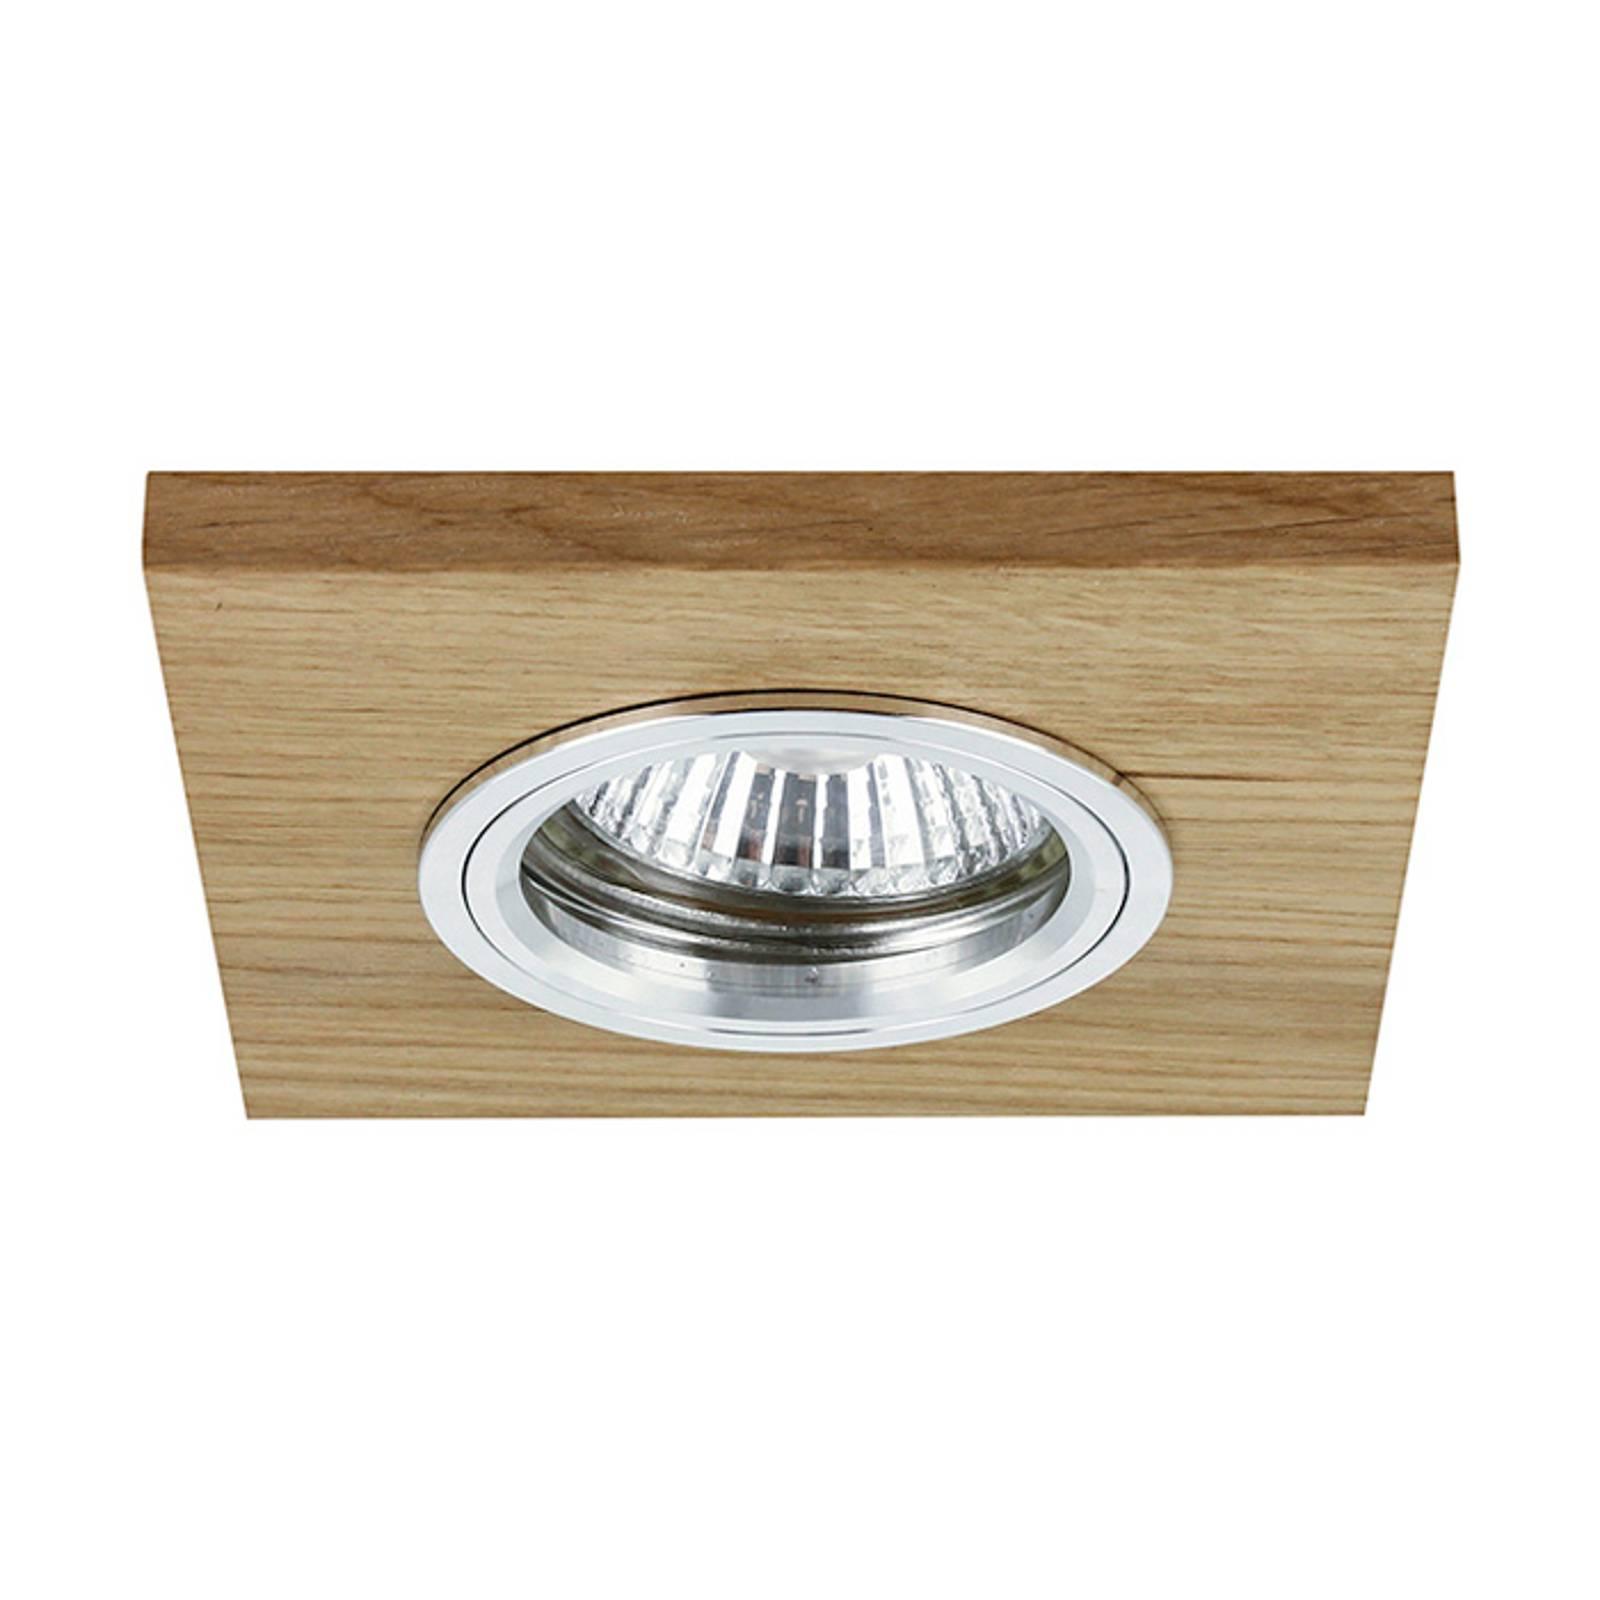 Lampa sufitowa wpuszczana LED Vitar, dąb olejowany